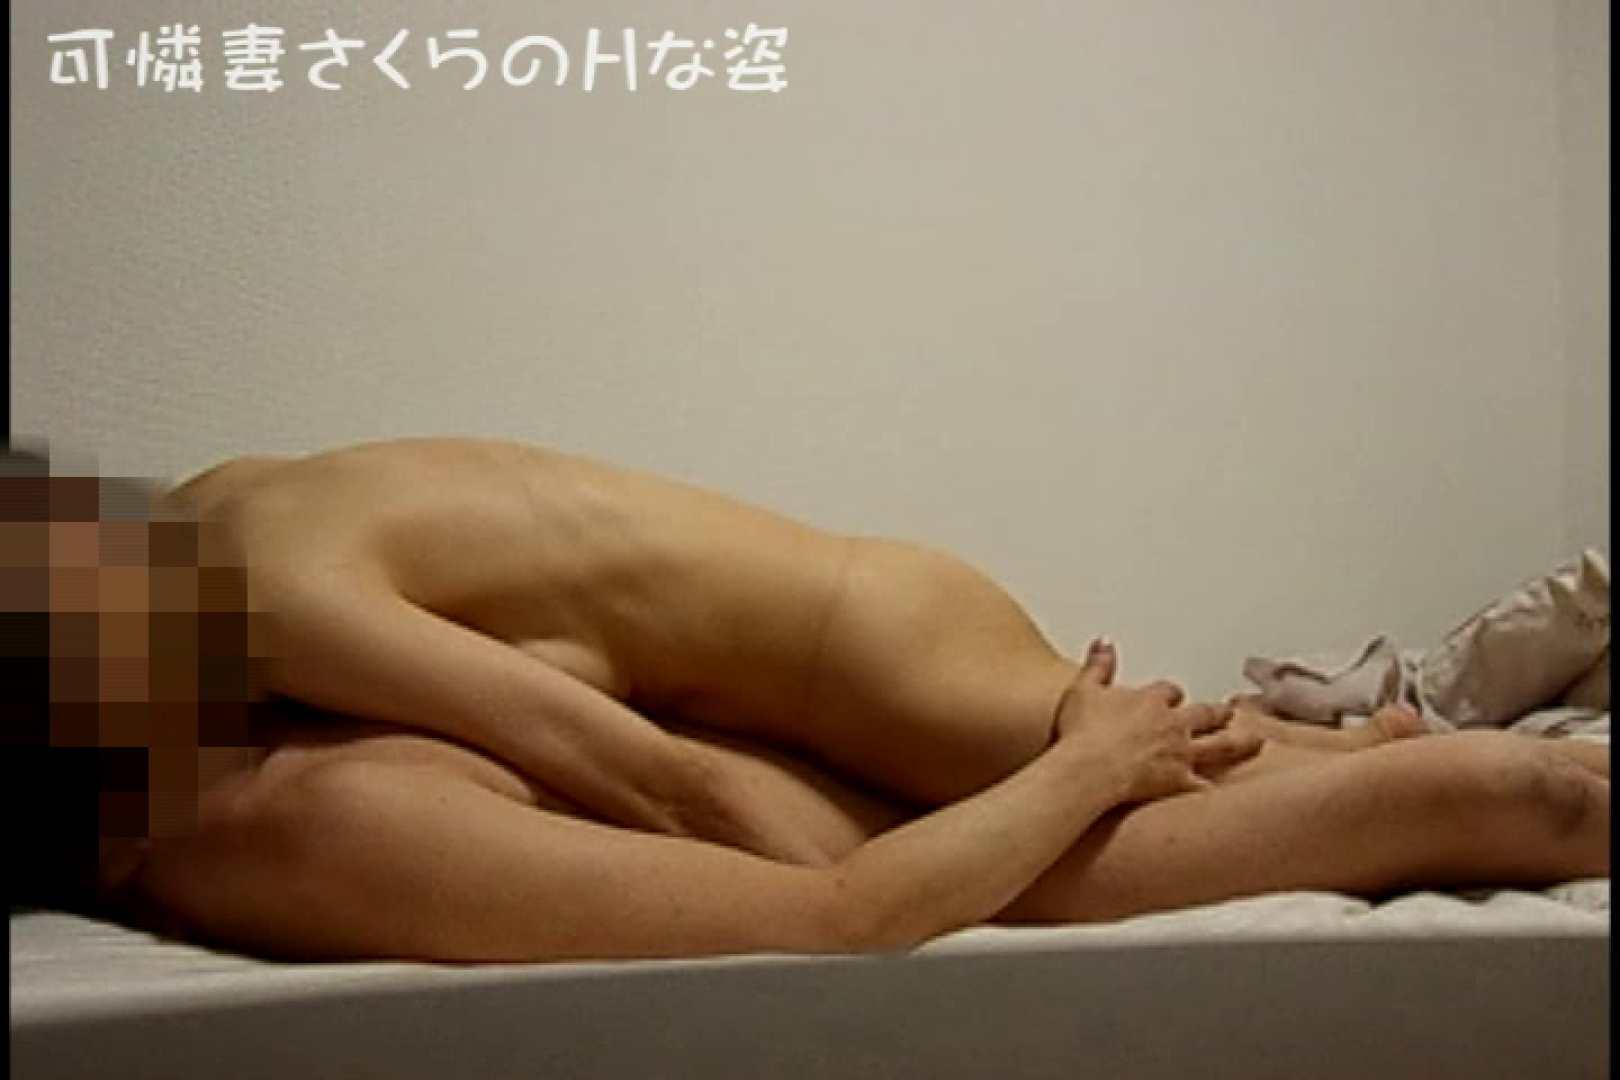 可憐妻さくらのHな姿vol.3 熟女 おまんこ無修正動画無料 76枚 30